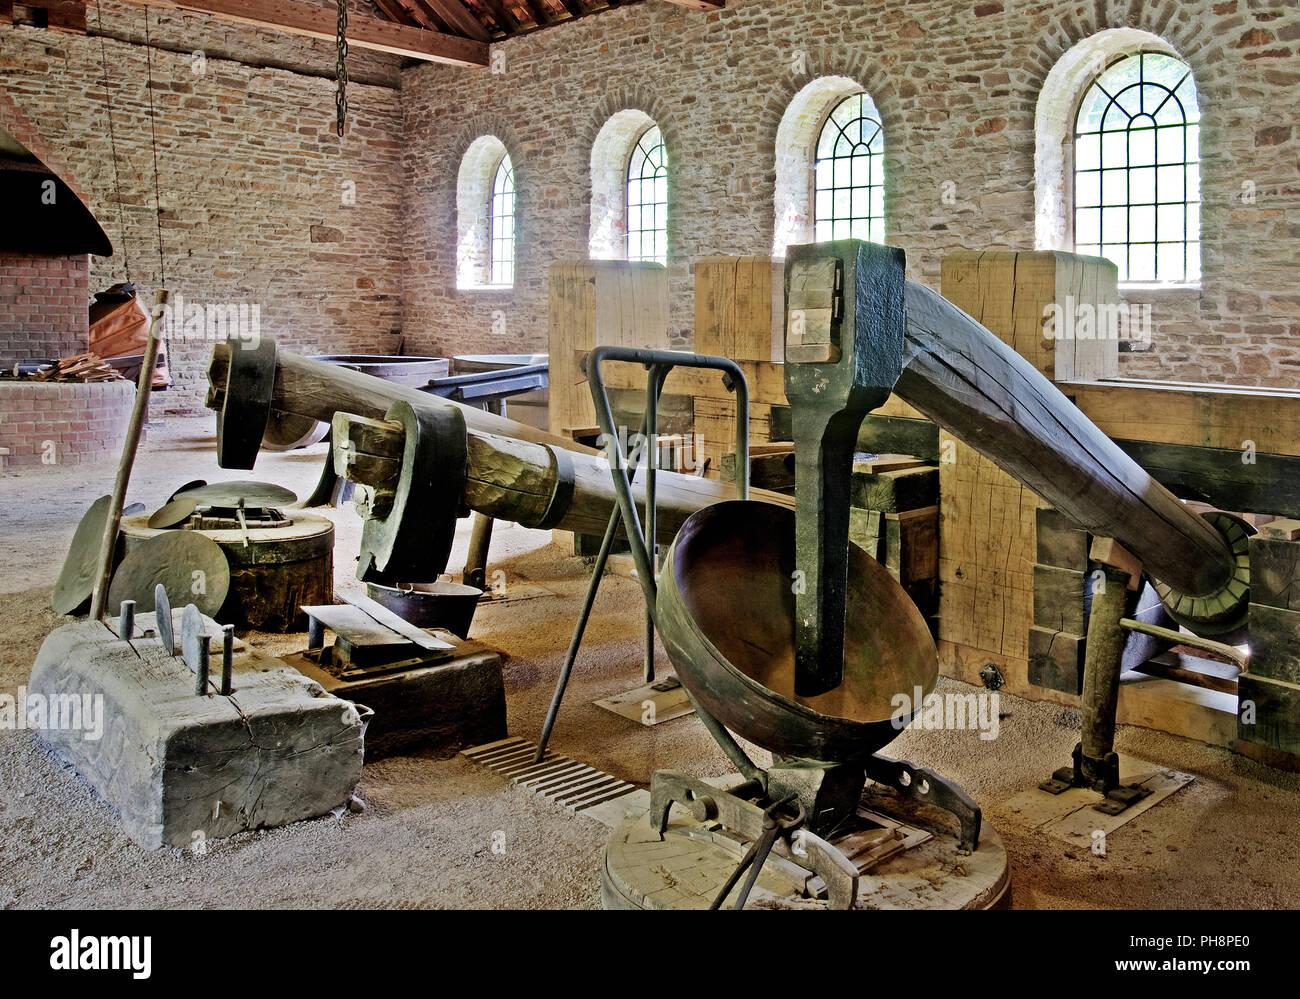 Martillo de viaje del museo al aire libre de Hagen, Alemania Imagen De Stock